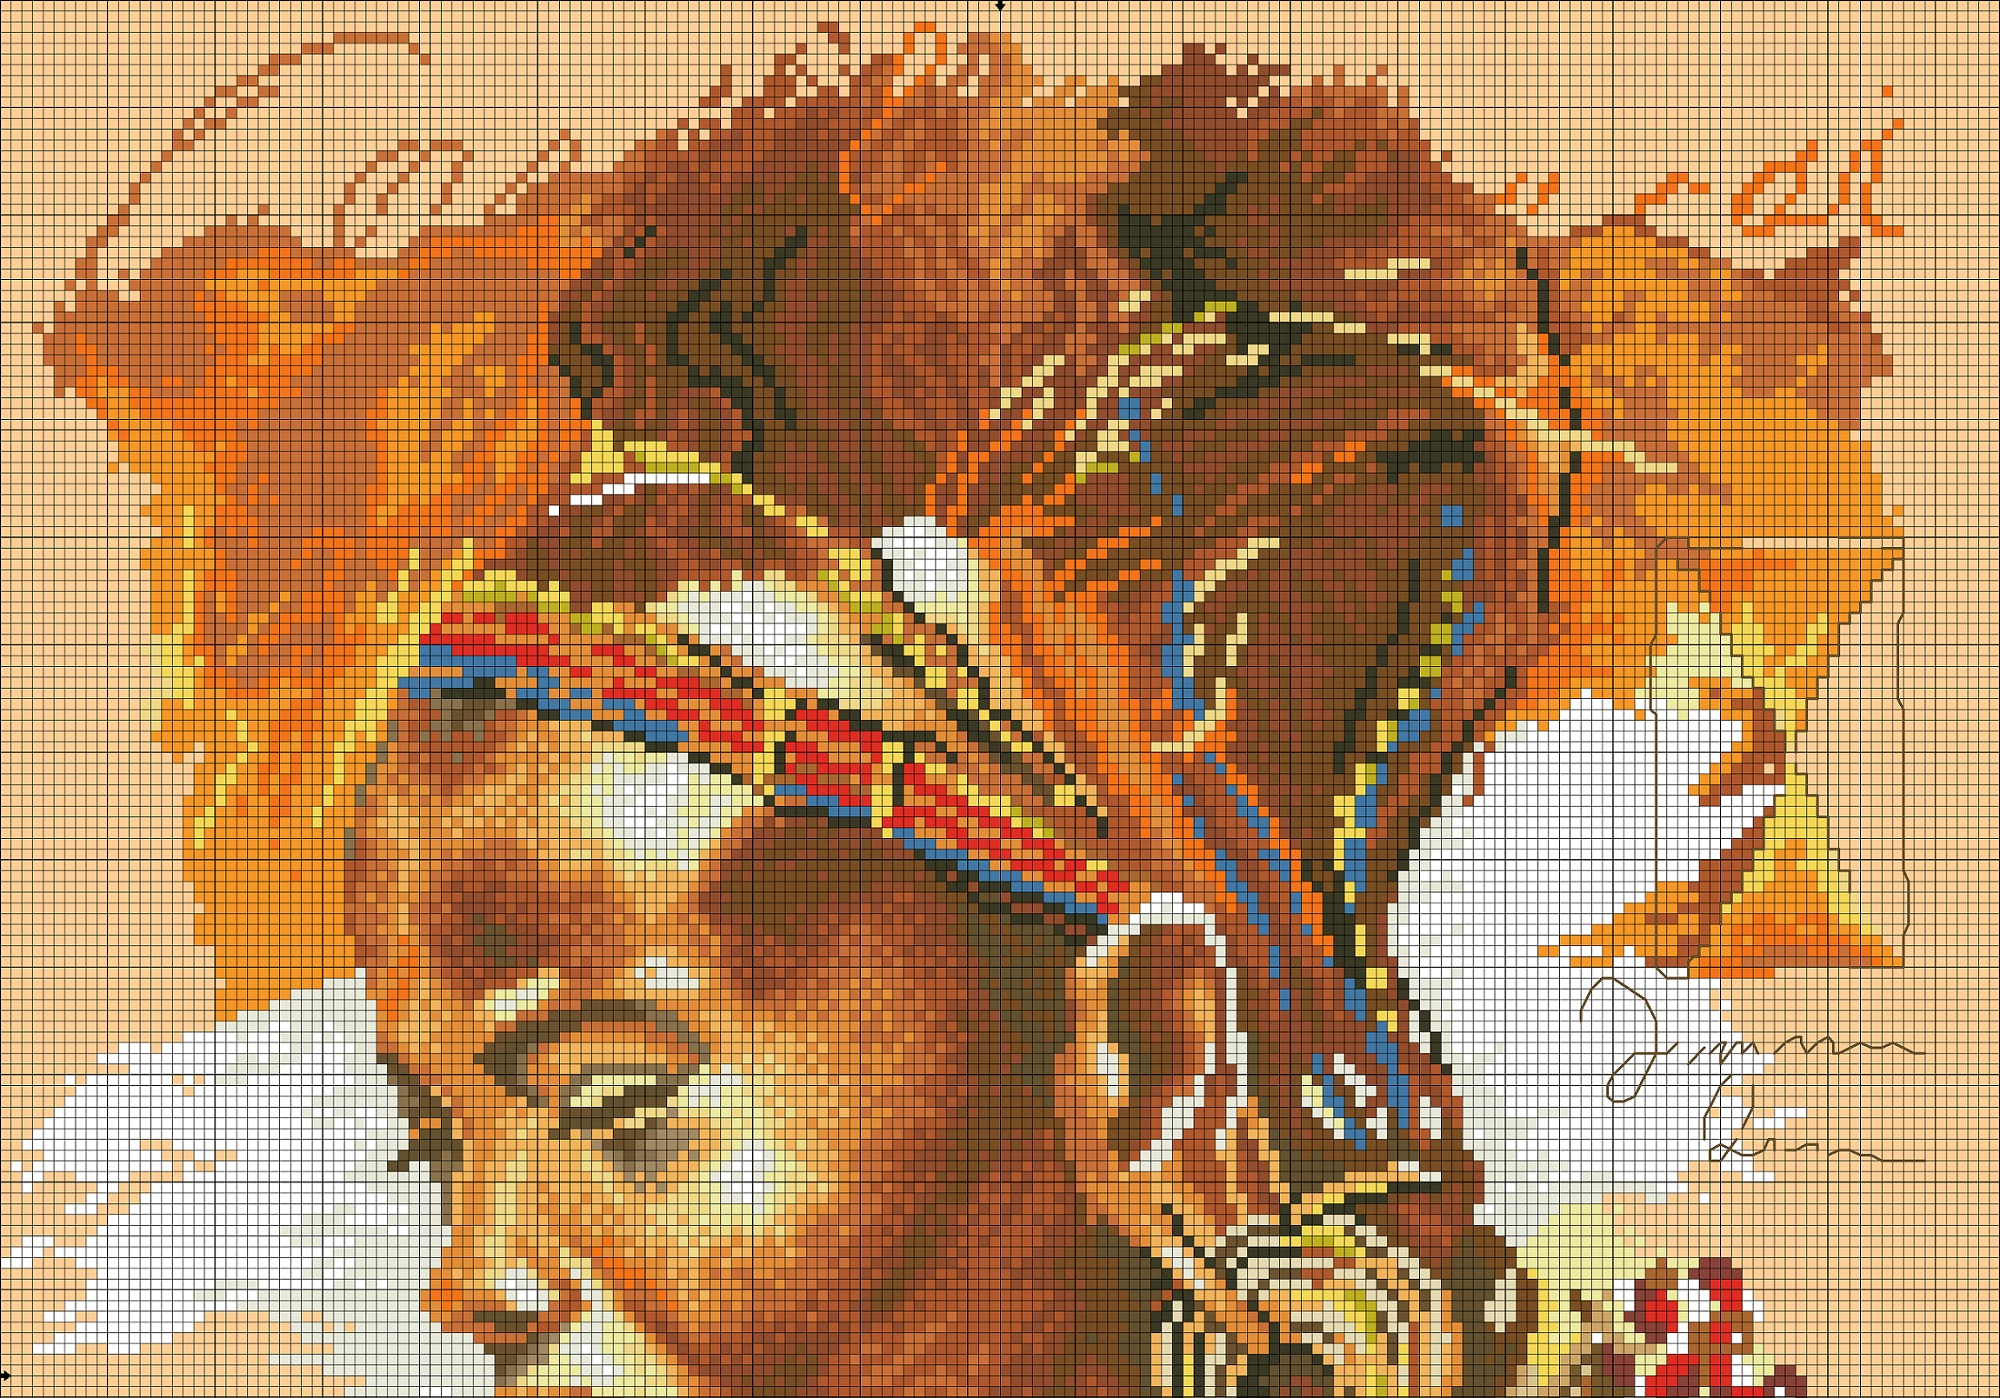 Африканка схема вышивки крестом